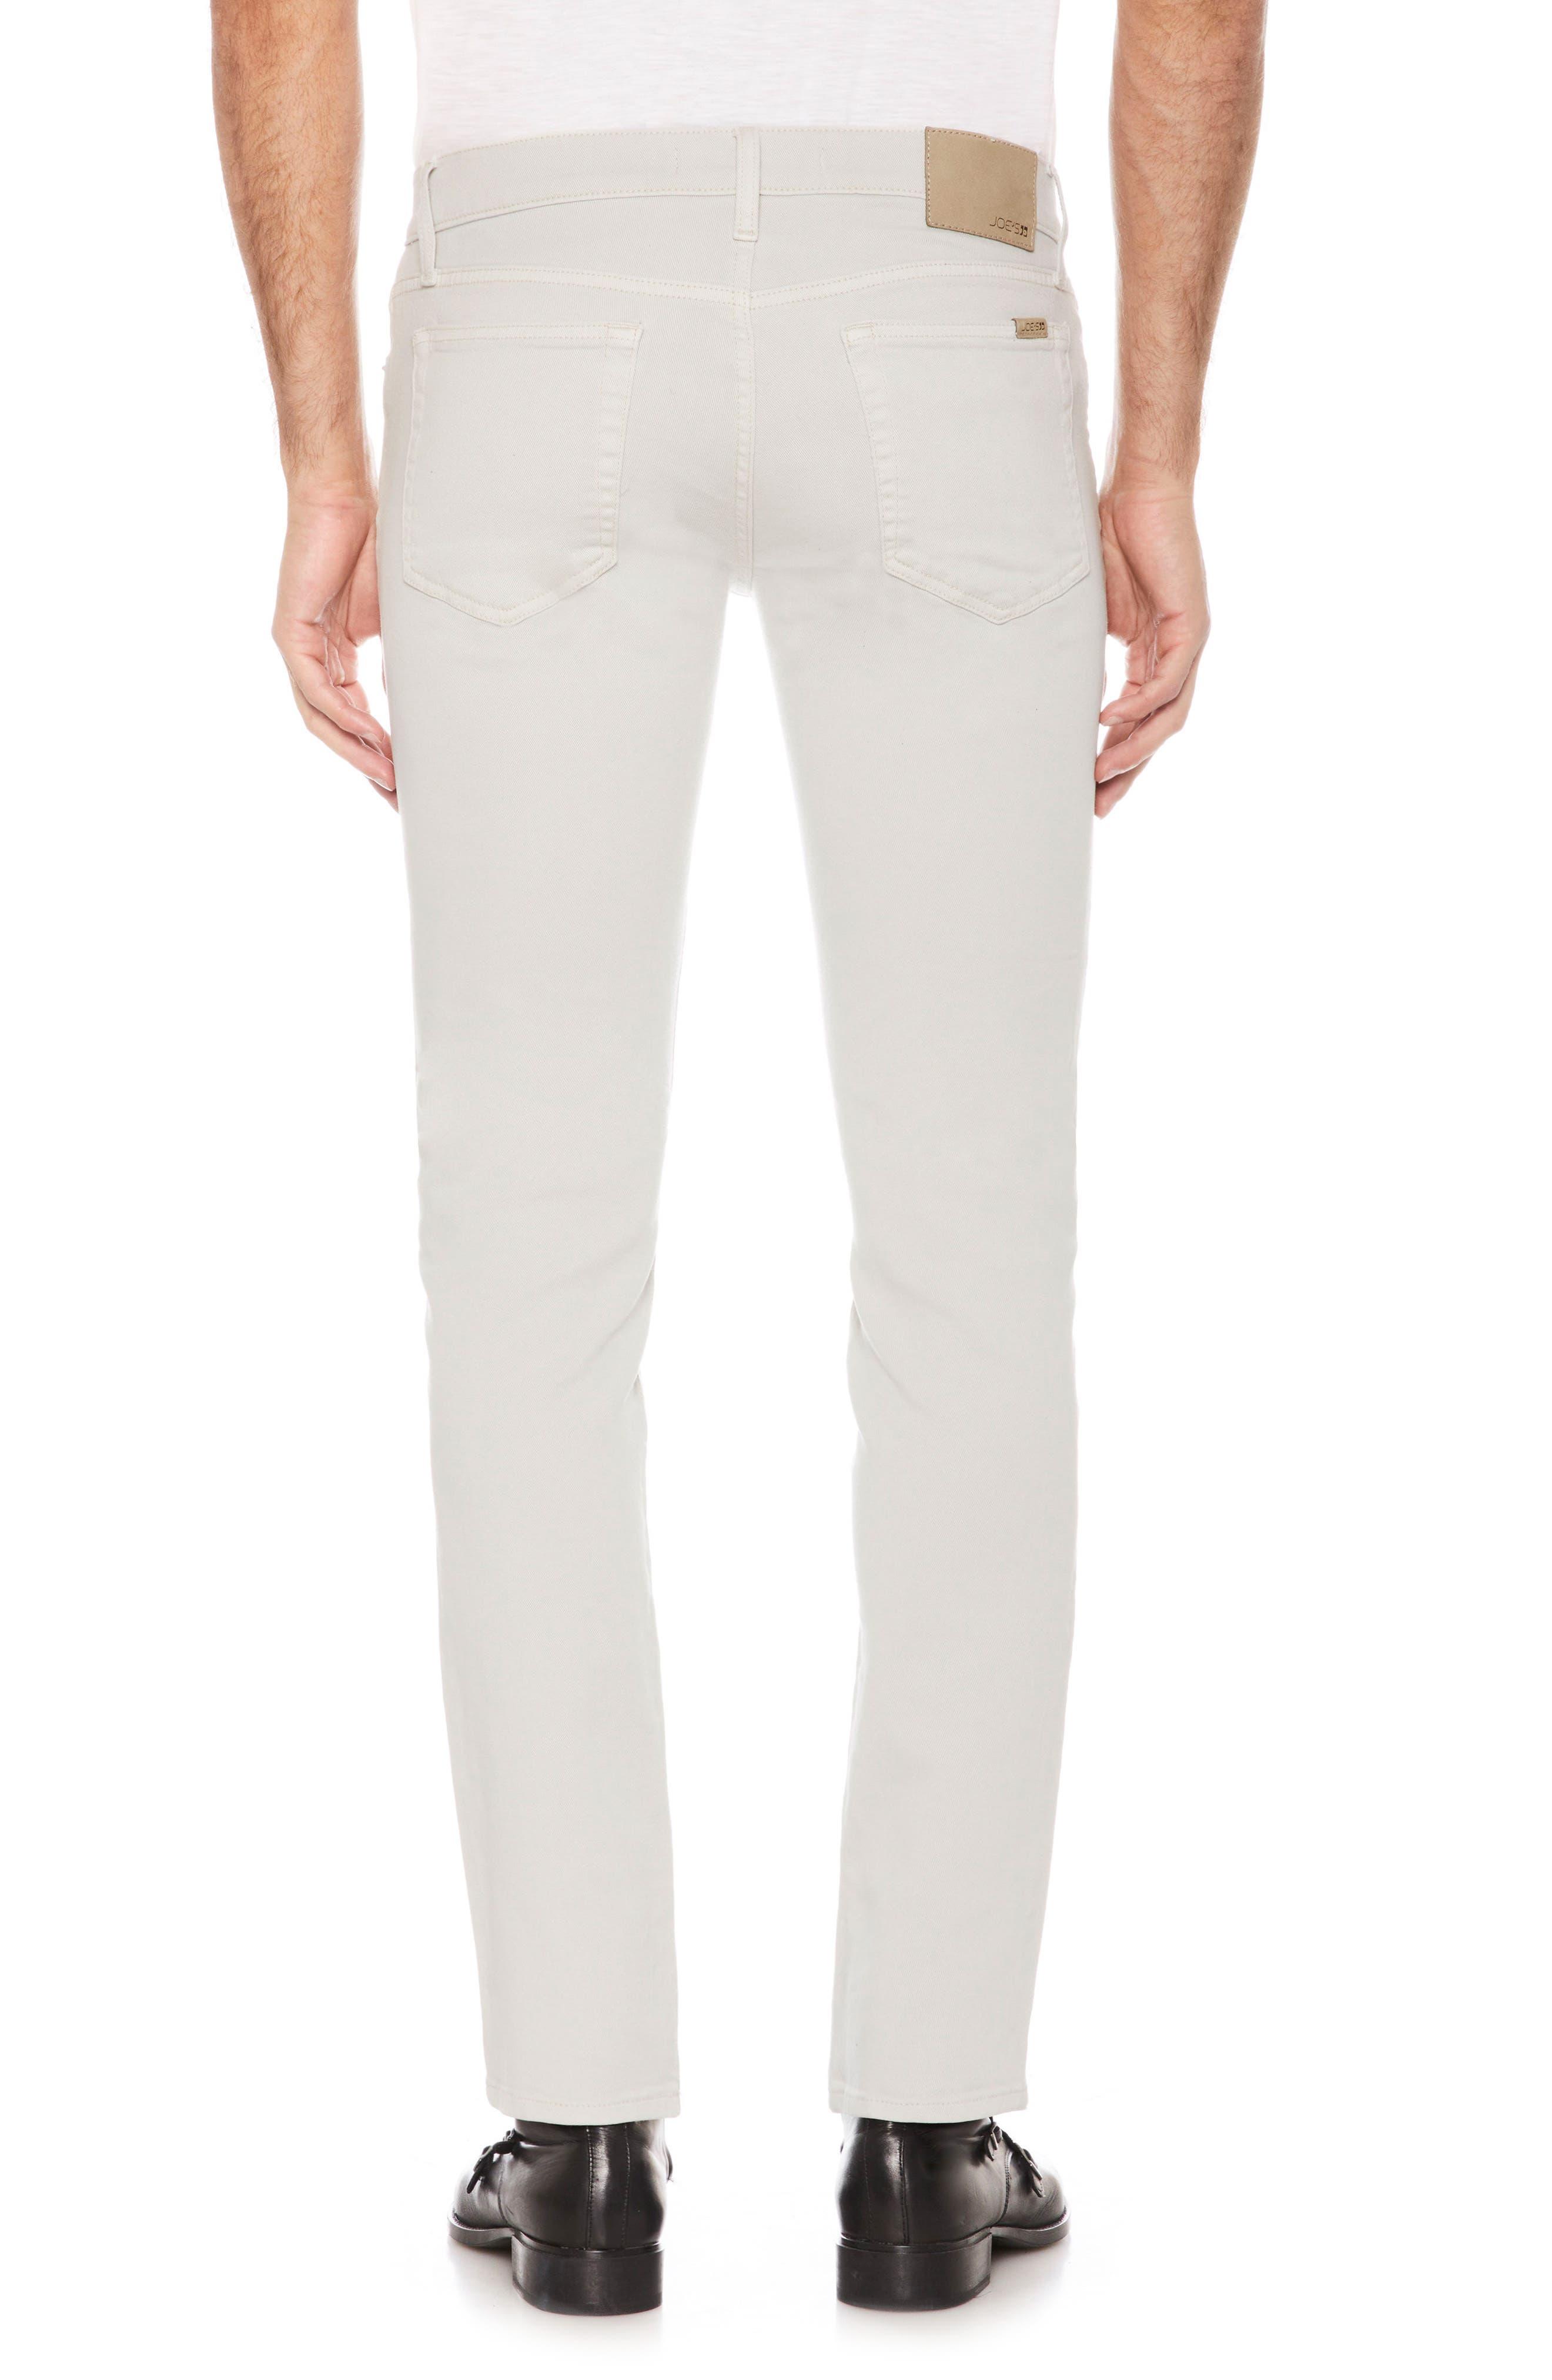 Brixton Slim Straight Leg Jeans,                             Alternate thumbnail 2, color,                             Mancini